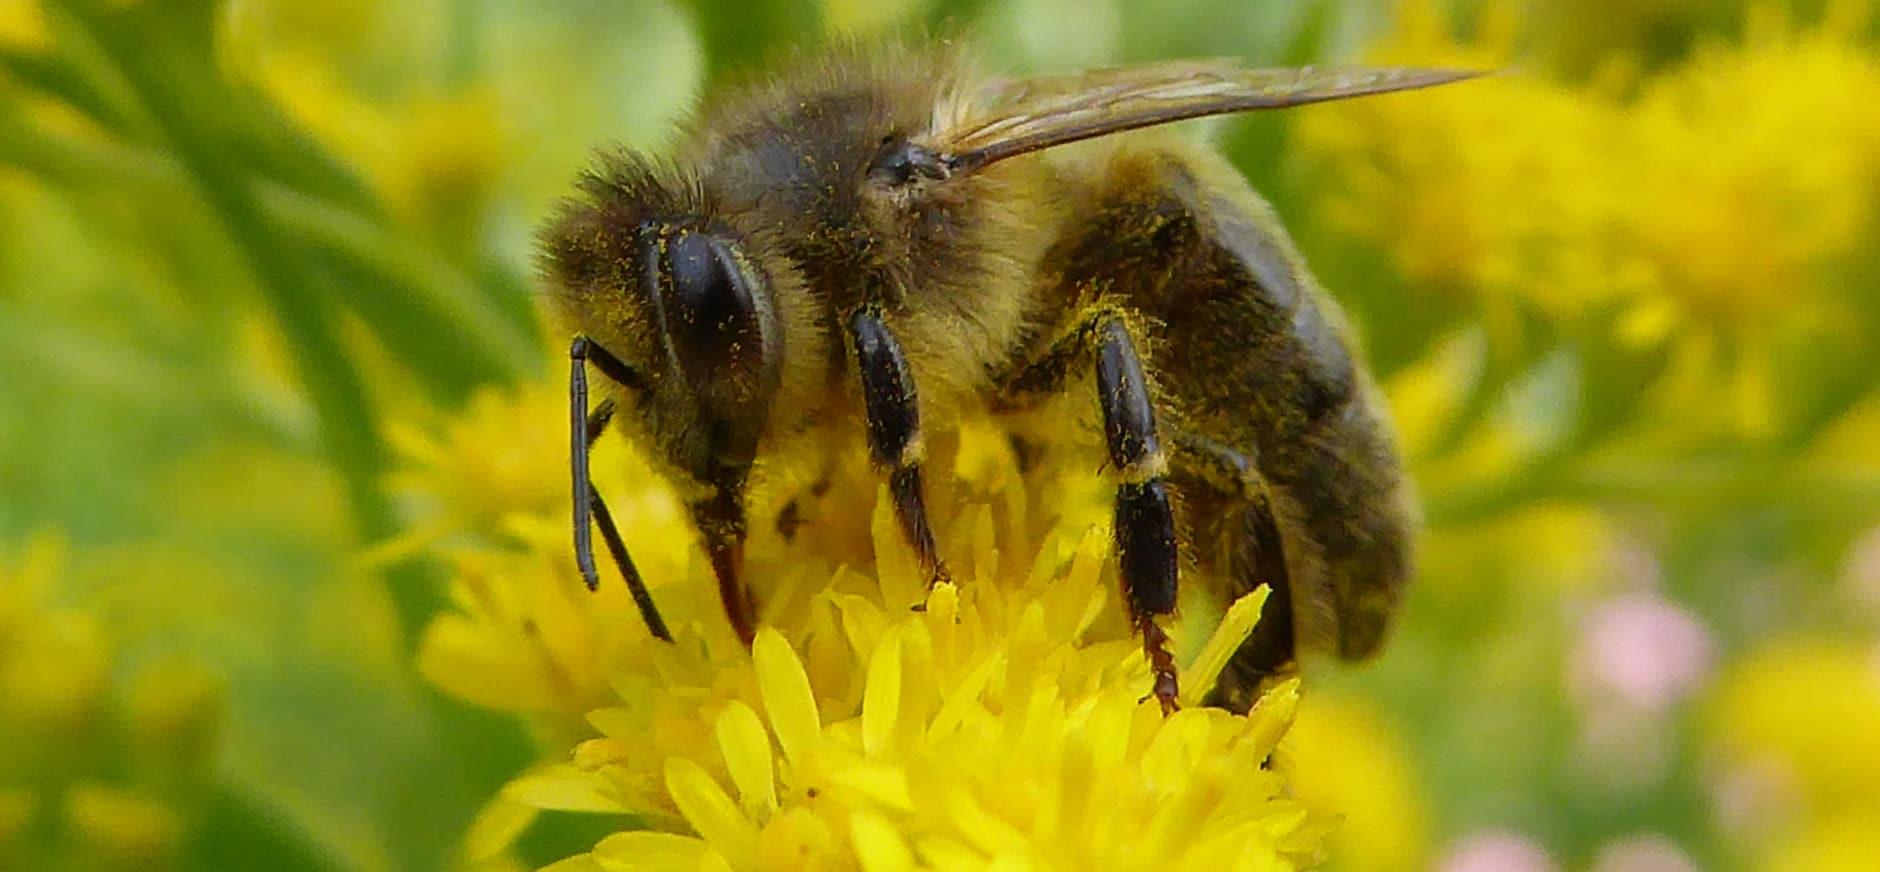 Verbod op pesticiden in ecologische aandachtsgebieden landbouw